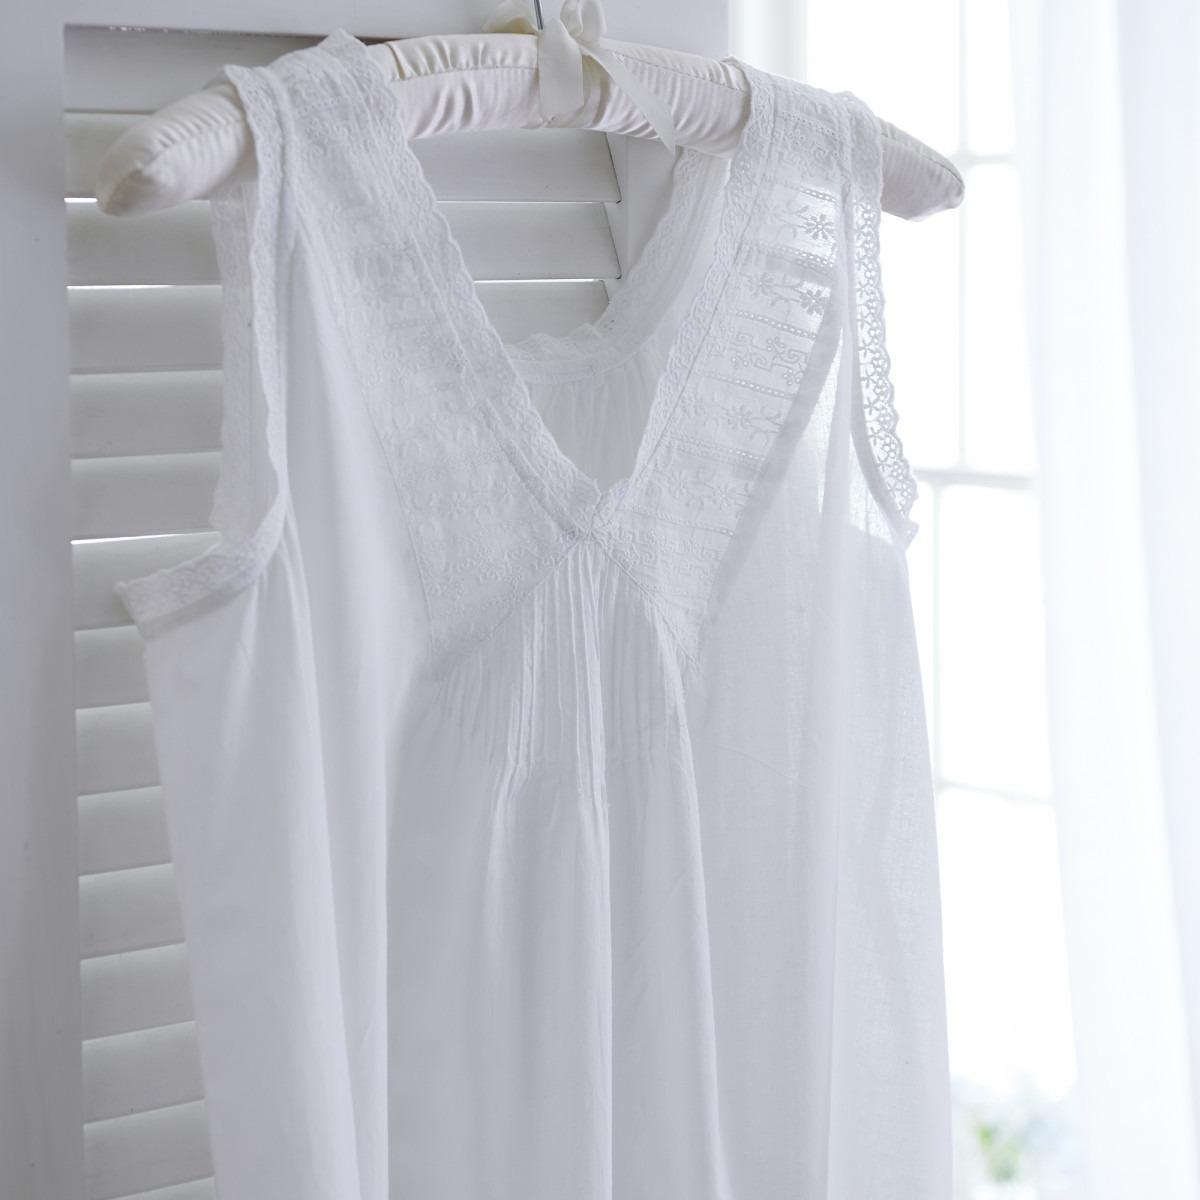 White Cotton Sleeveless V Neck Nightdress